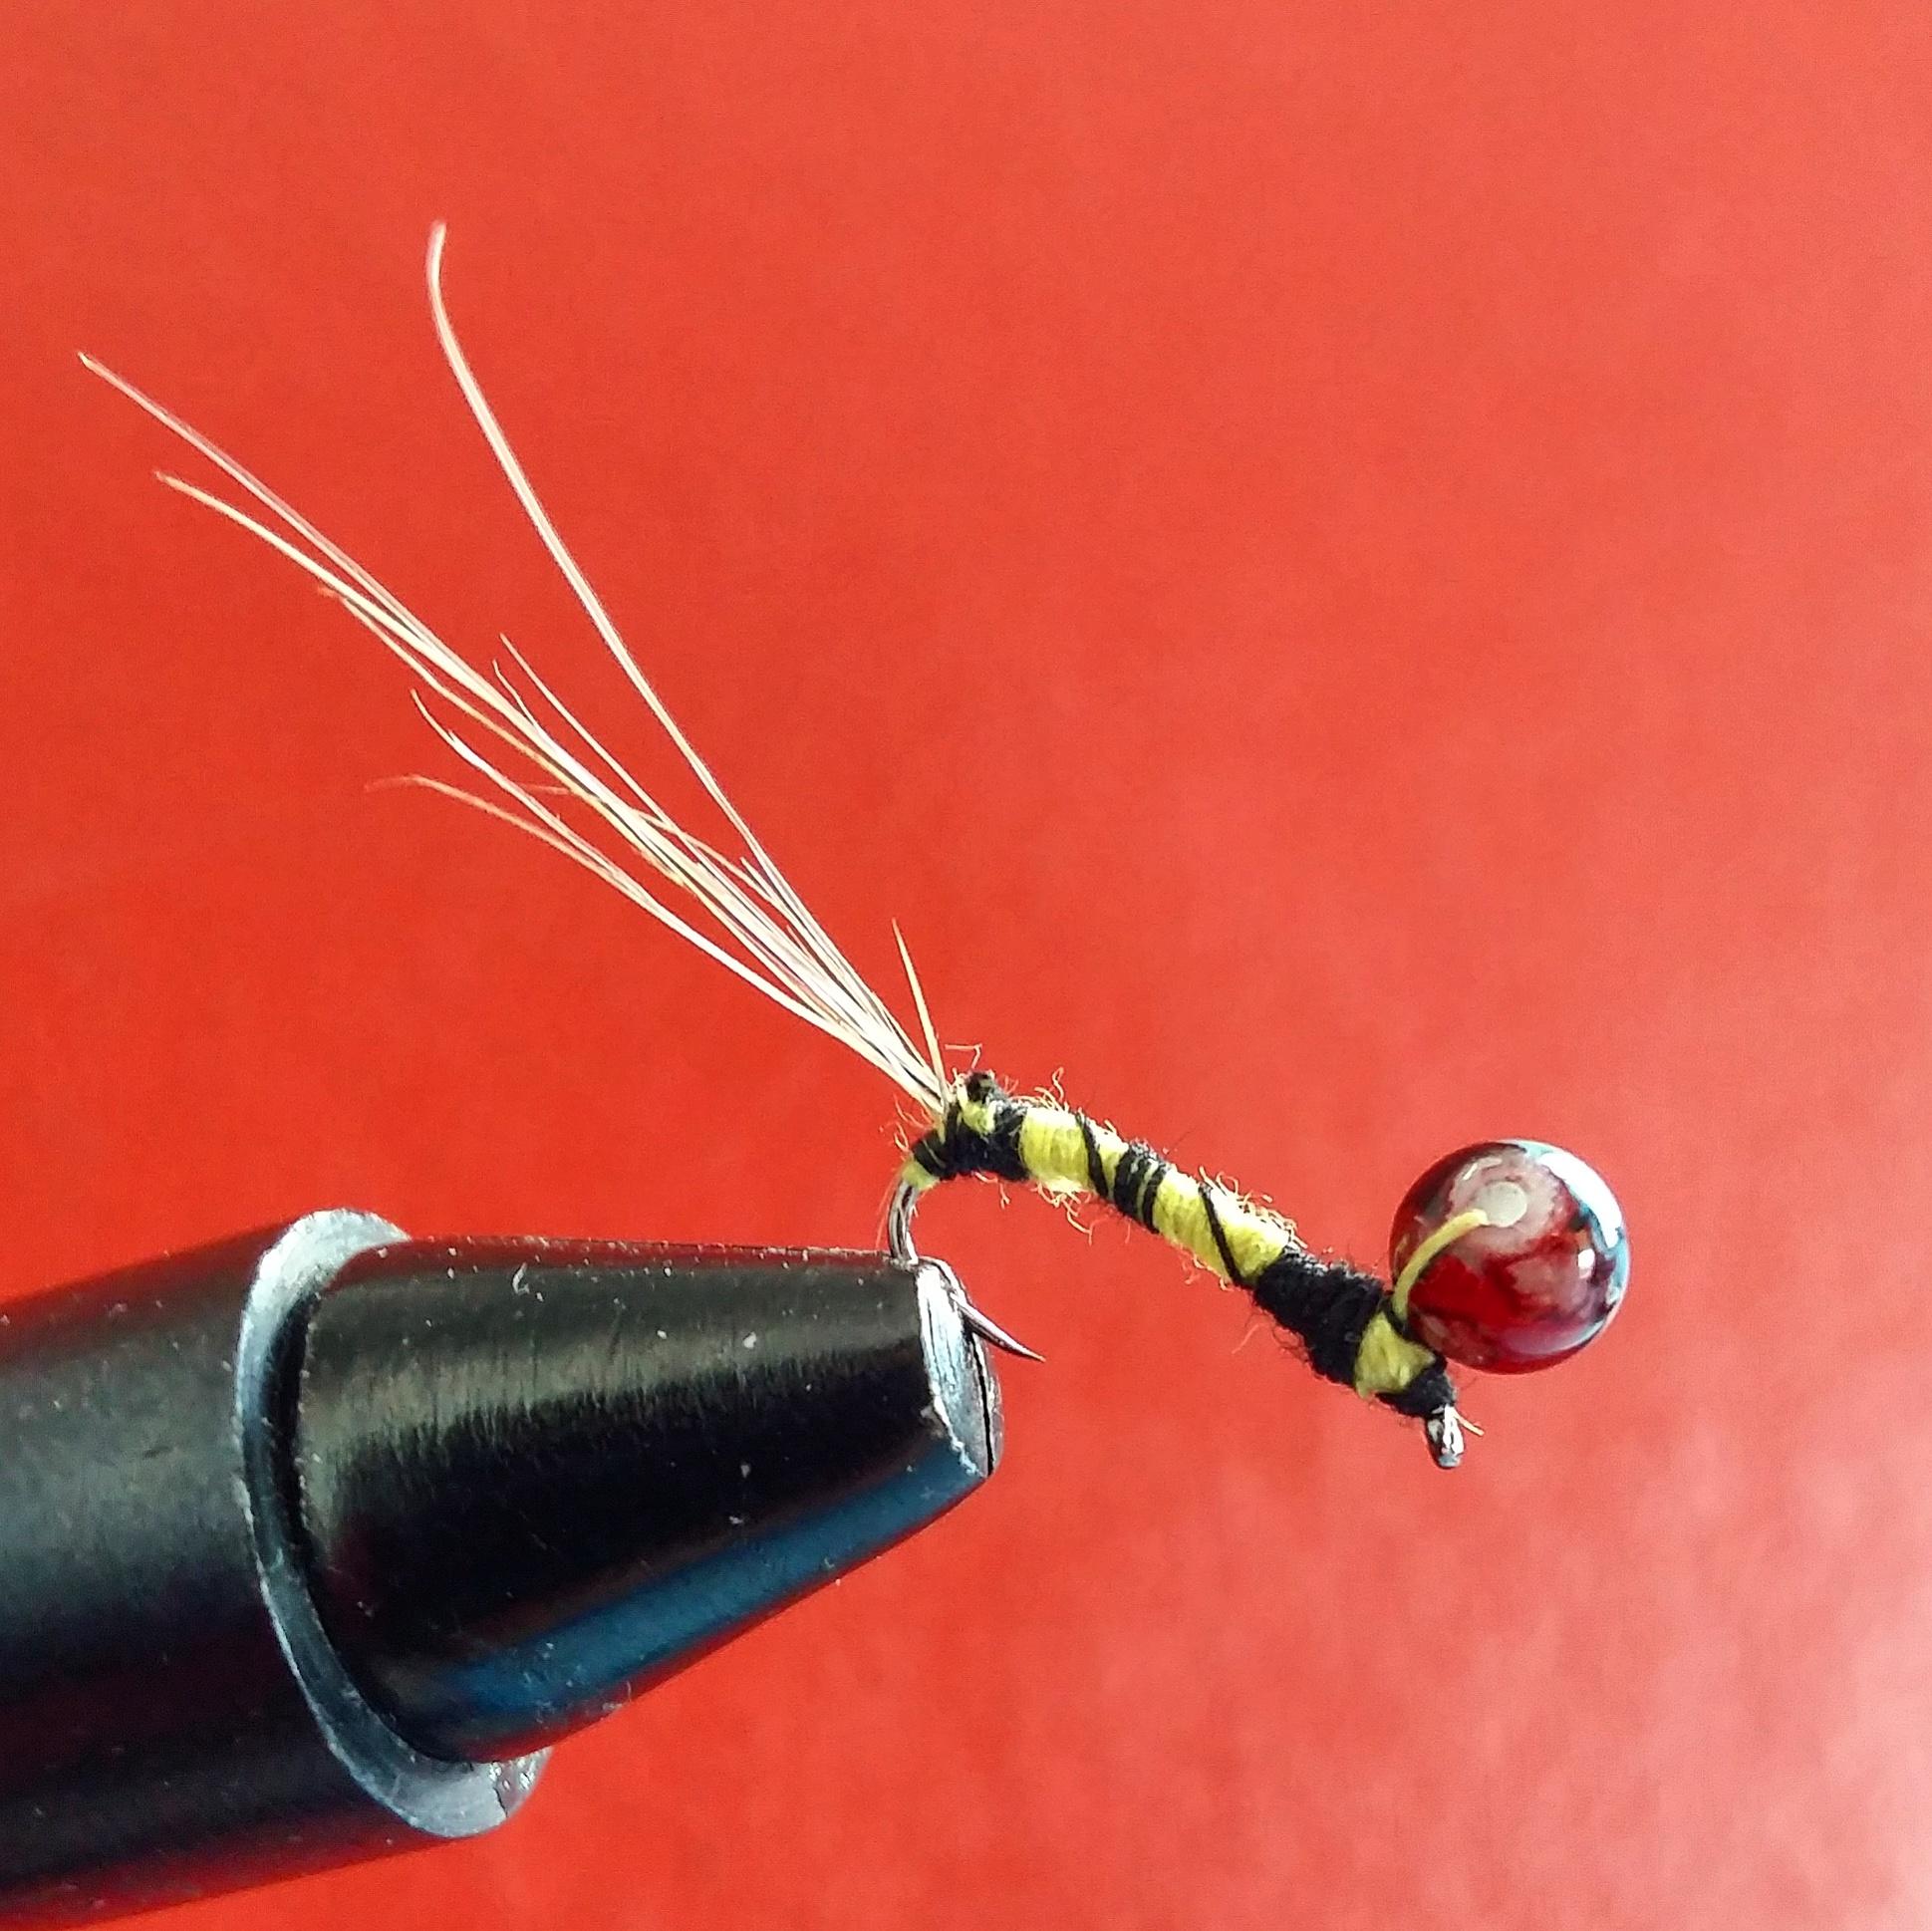 flyfishing LM 07